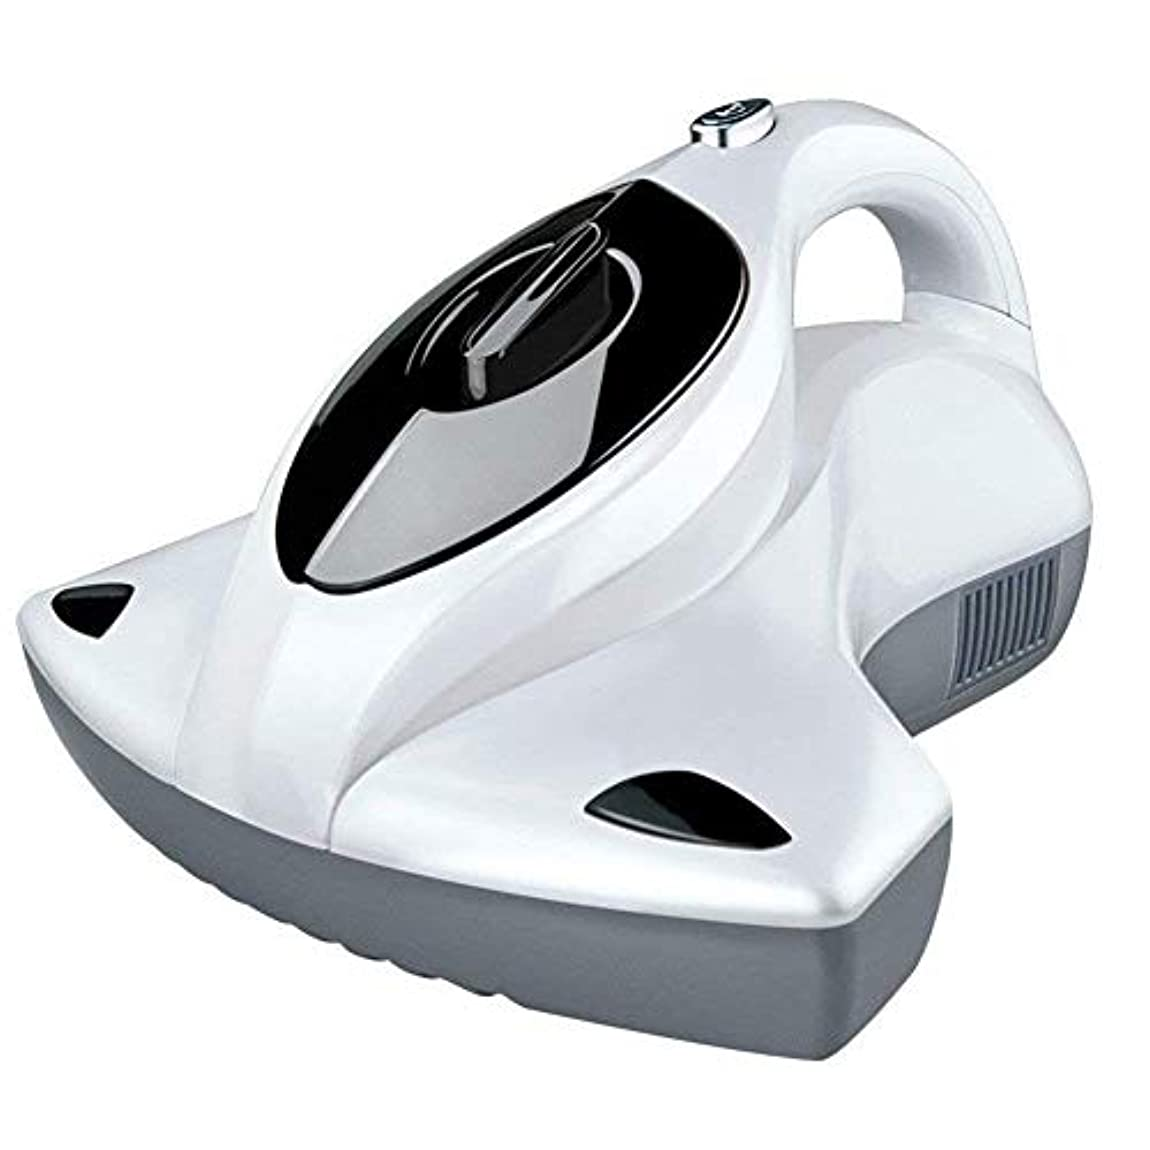 品種免疫する魅力的抗菌UV光ダニ吸盤掃除機ベッド掃除機コード付きハンドヘルド、サイクロンろ過システムホワイト barir